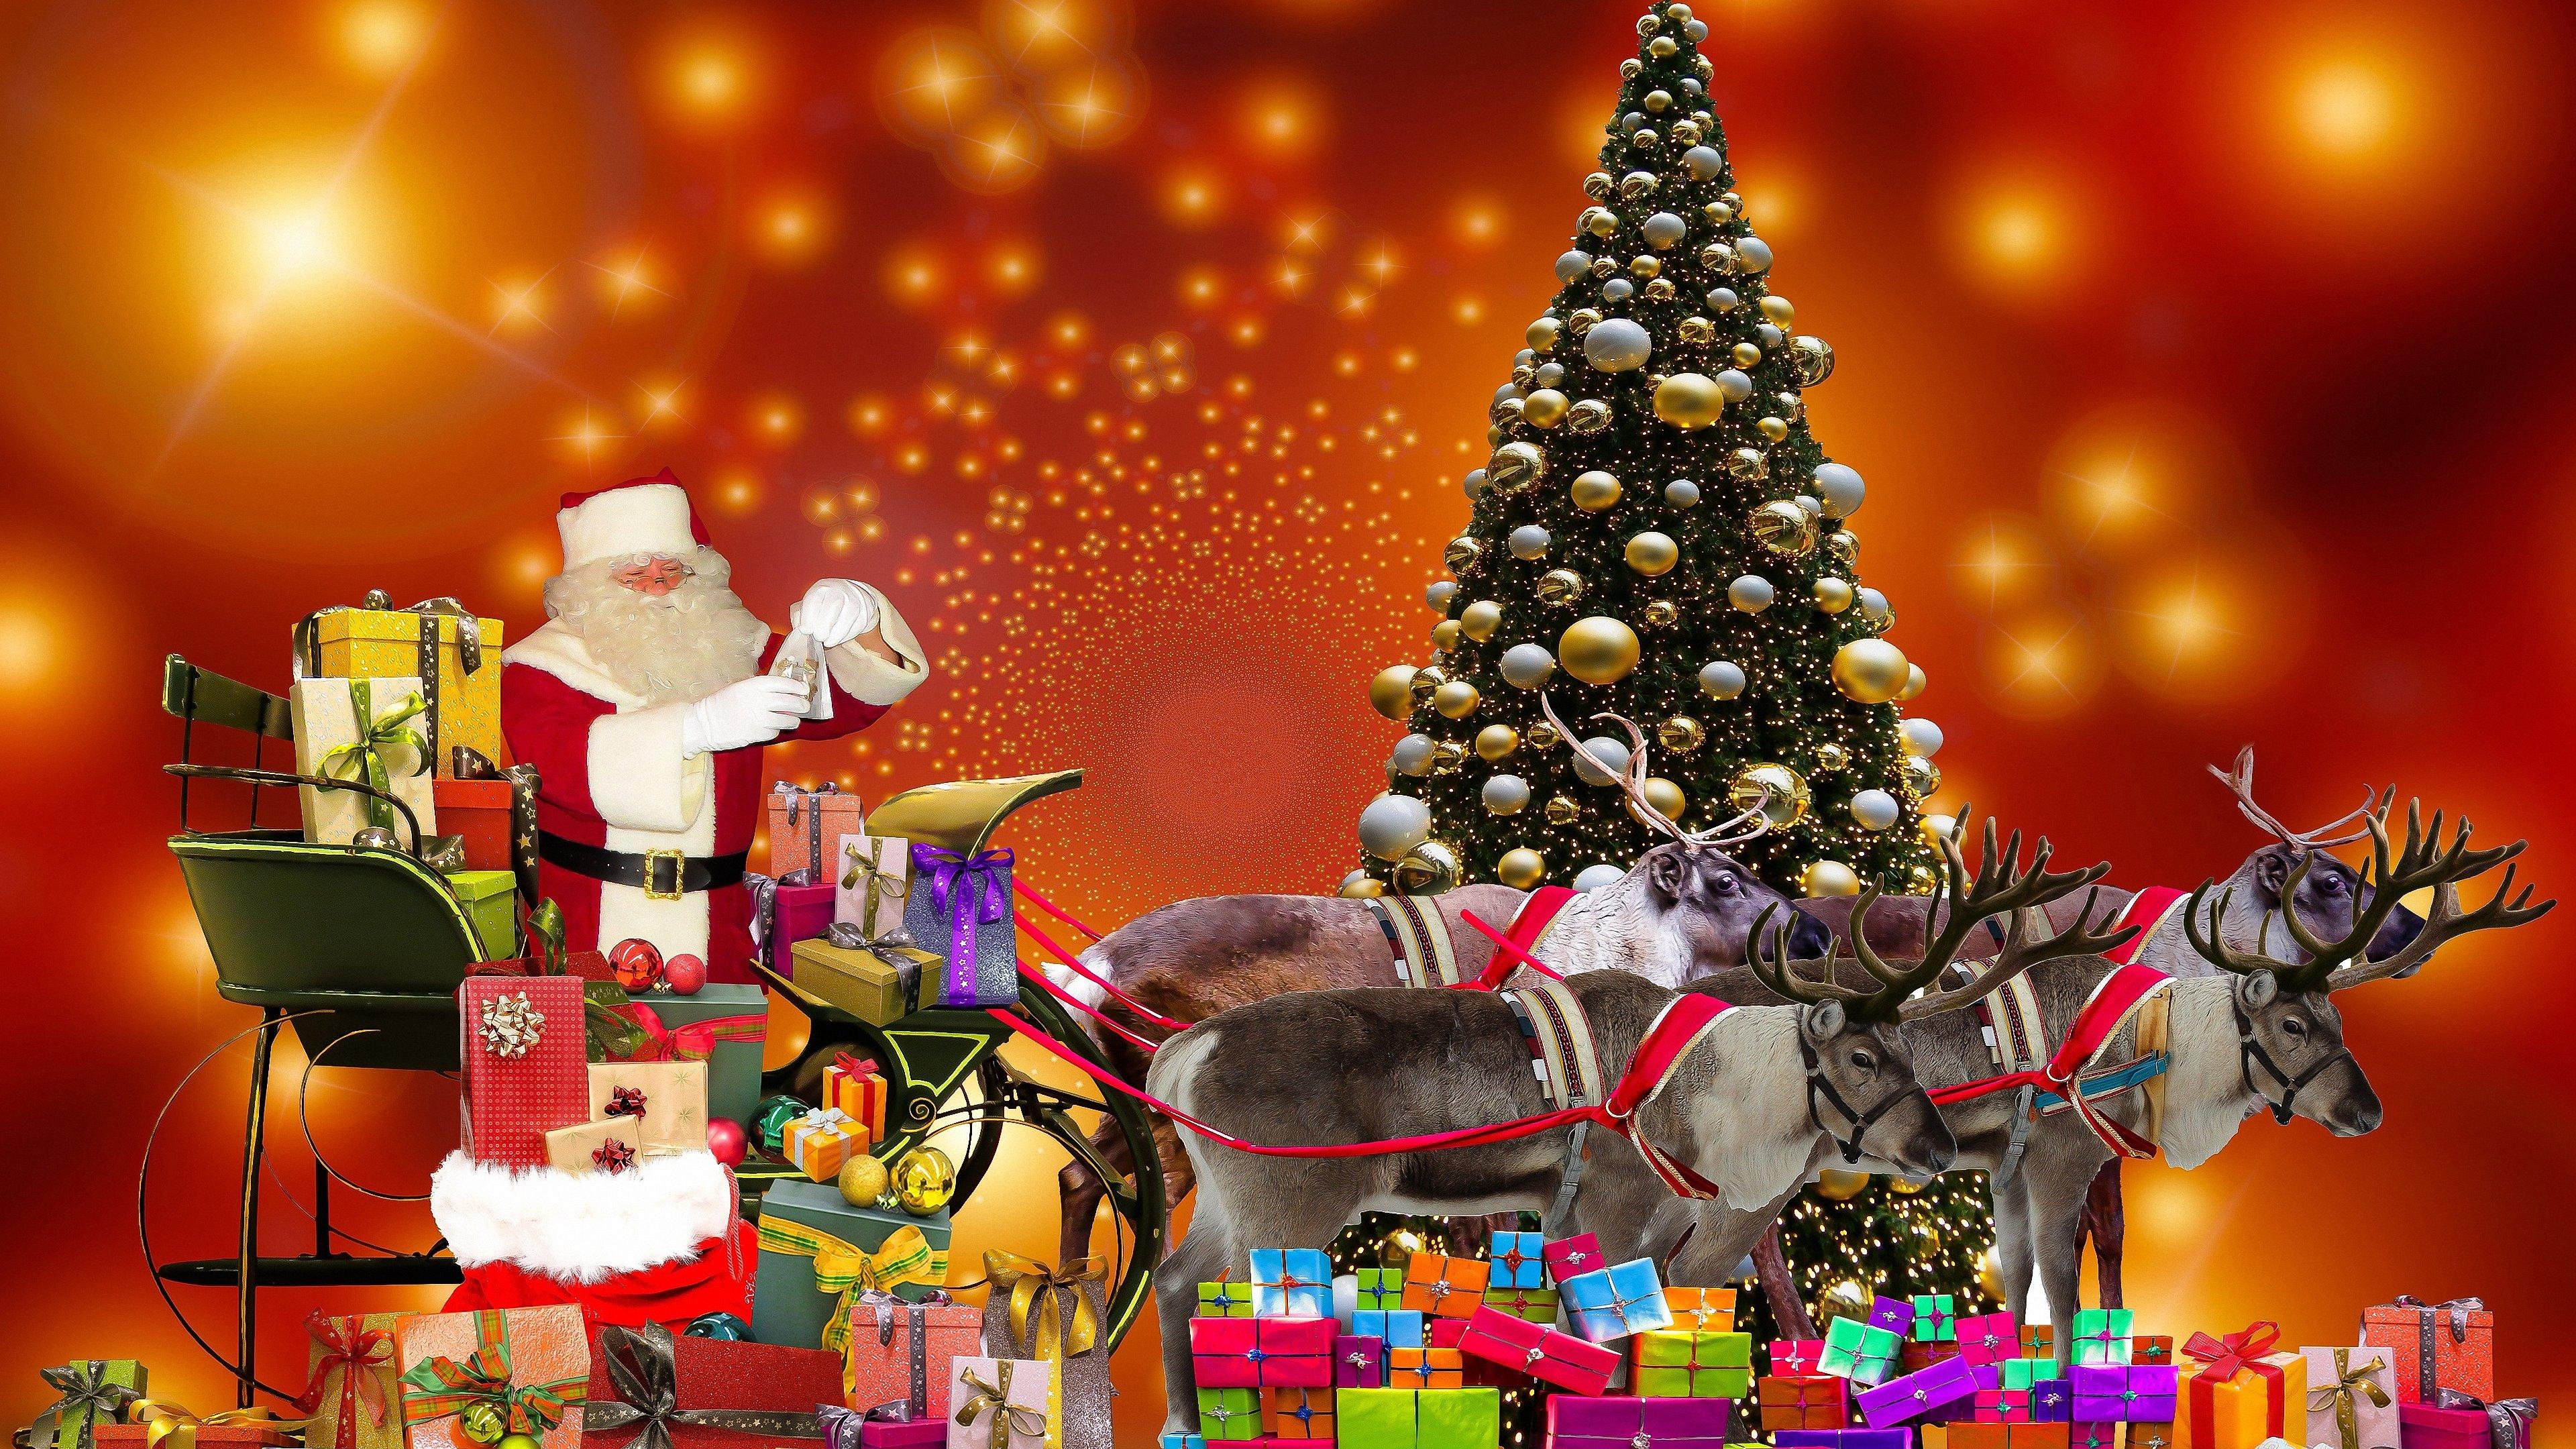 Hintergrundbilder Kostenlos Herunterladen Für Pc Weihnachten